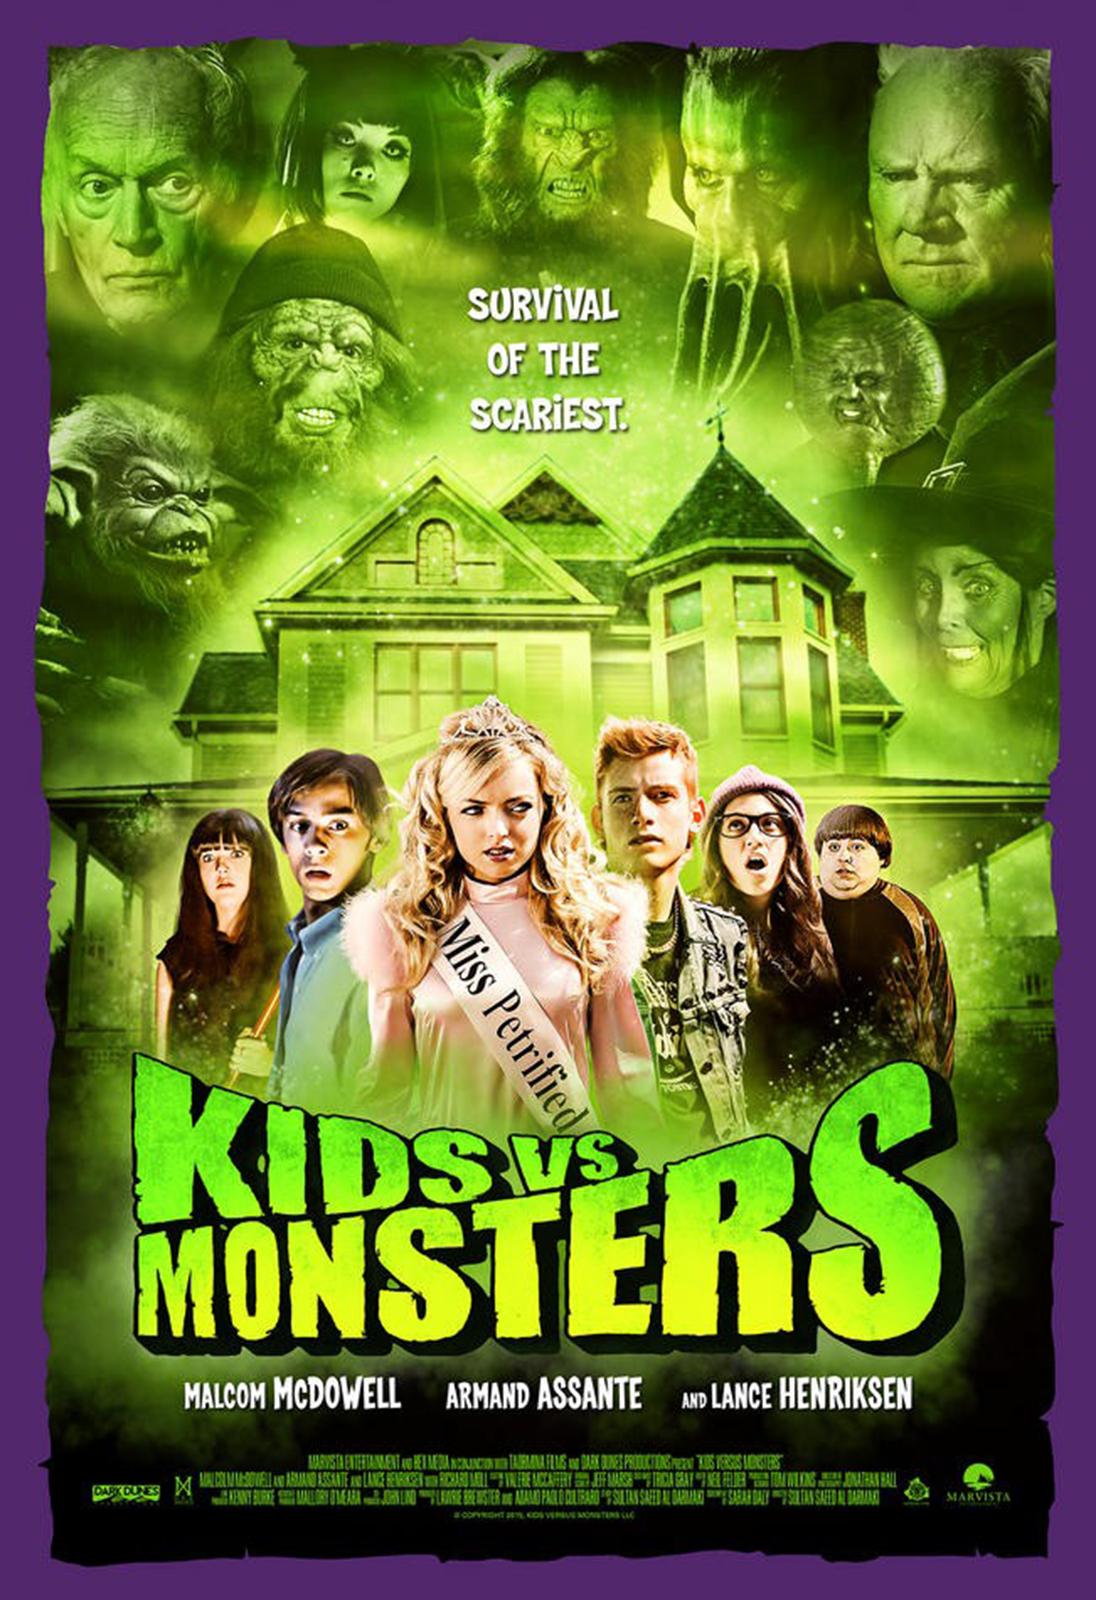 Kids vs Monsters poster - Poster 1 - AdoroCinema: www.adorocinema.com/filmes/filme-240549/fotos/detalhe/?cmediafile...